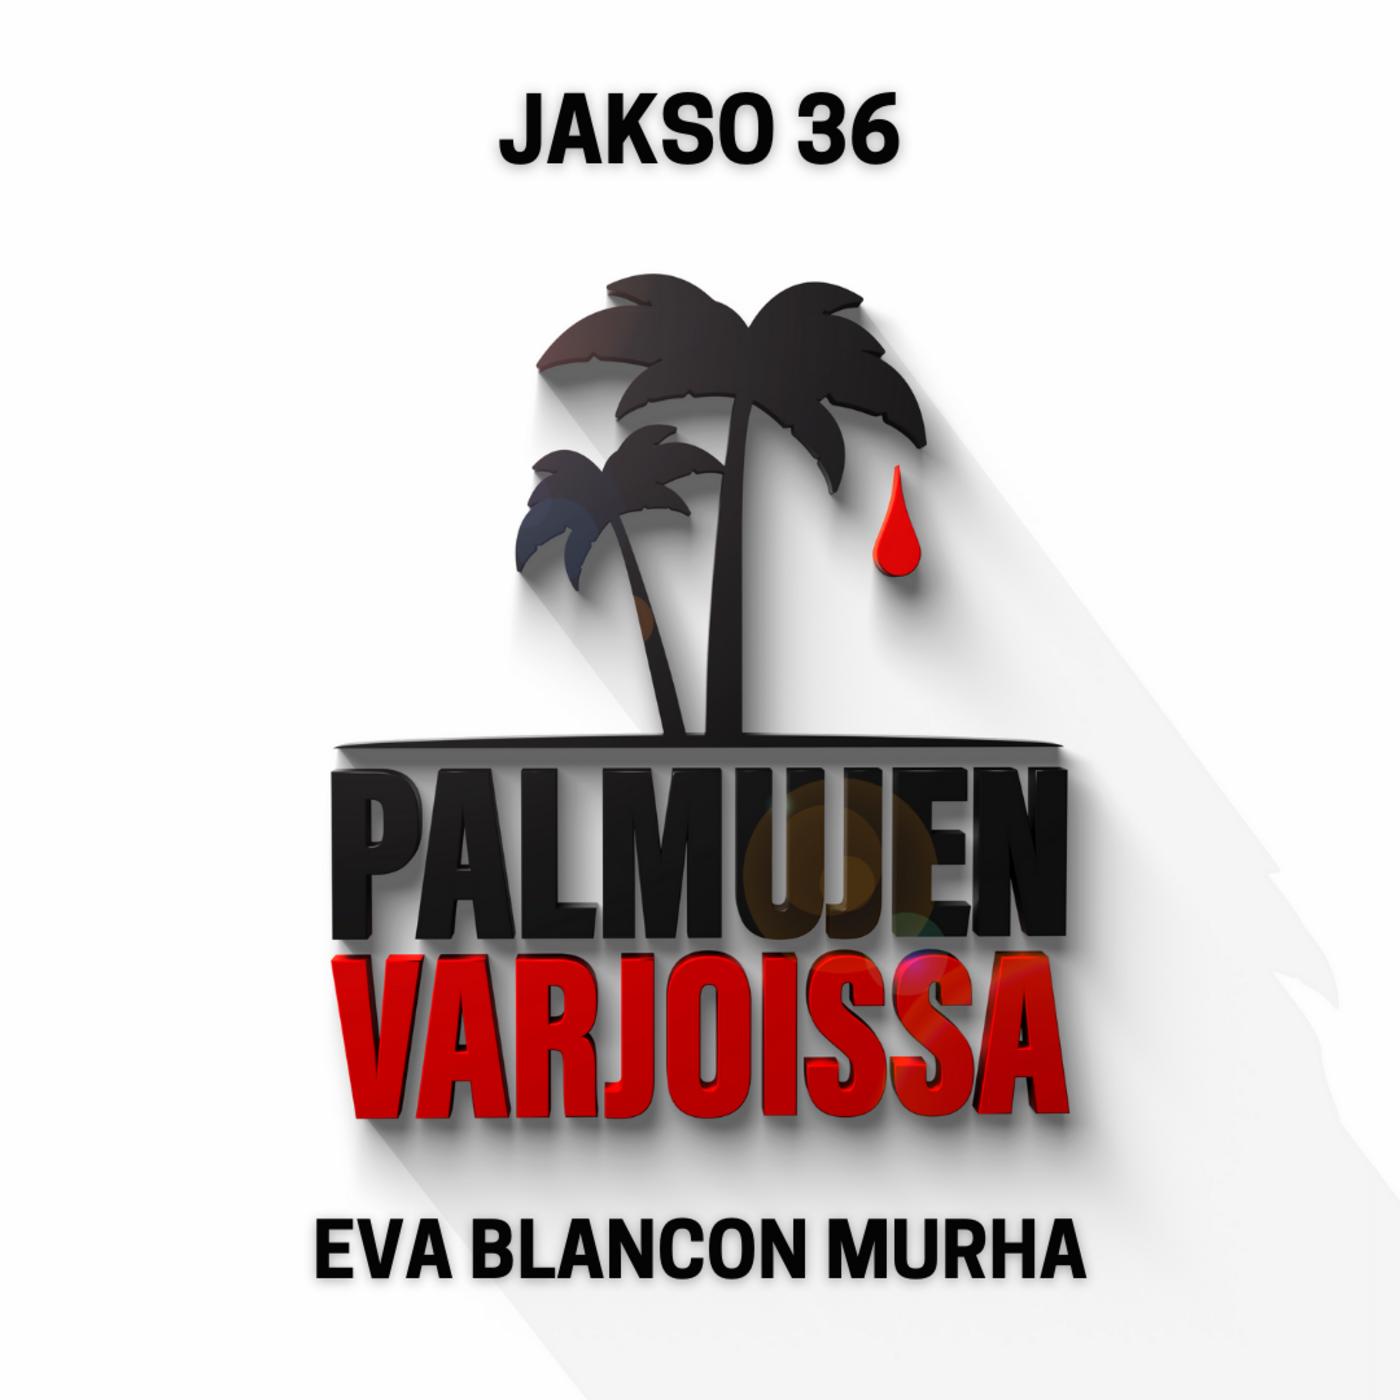 36. Eva Blancon murha